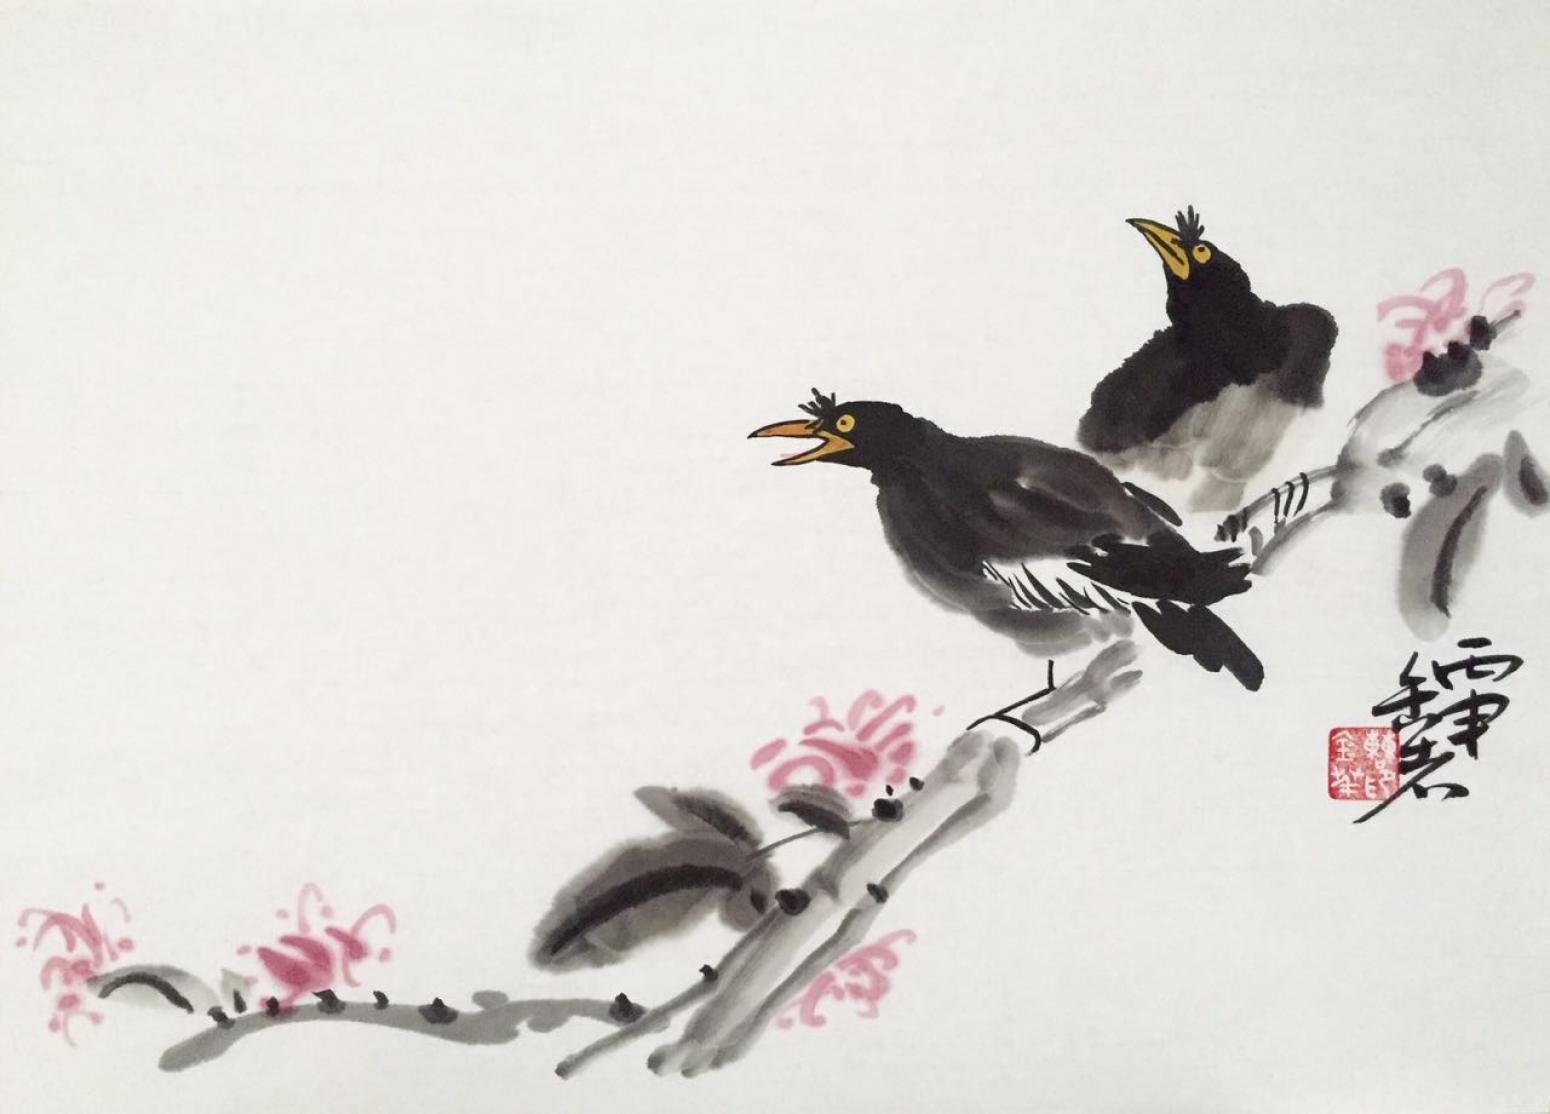 曹金华国画作品《【二鸟迎春】作者曹金华》【图0】